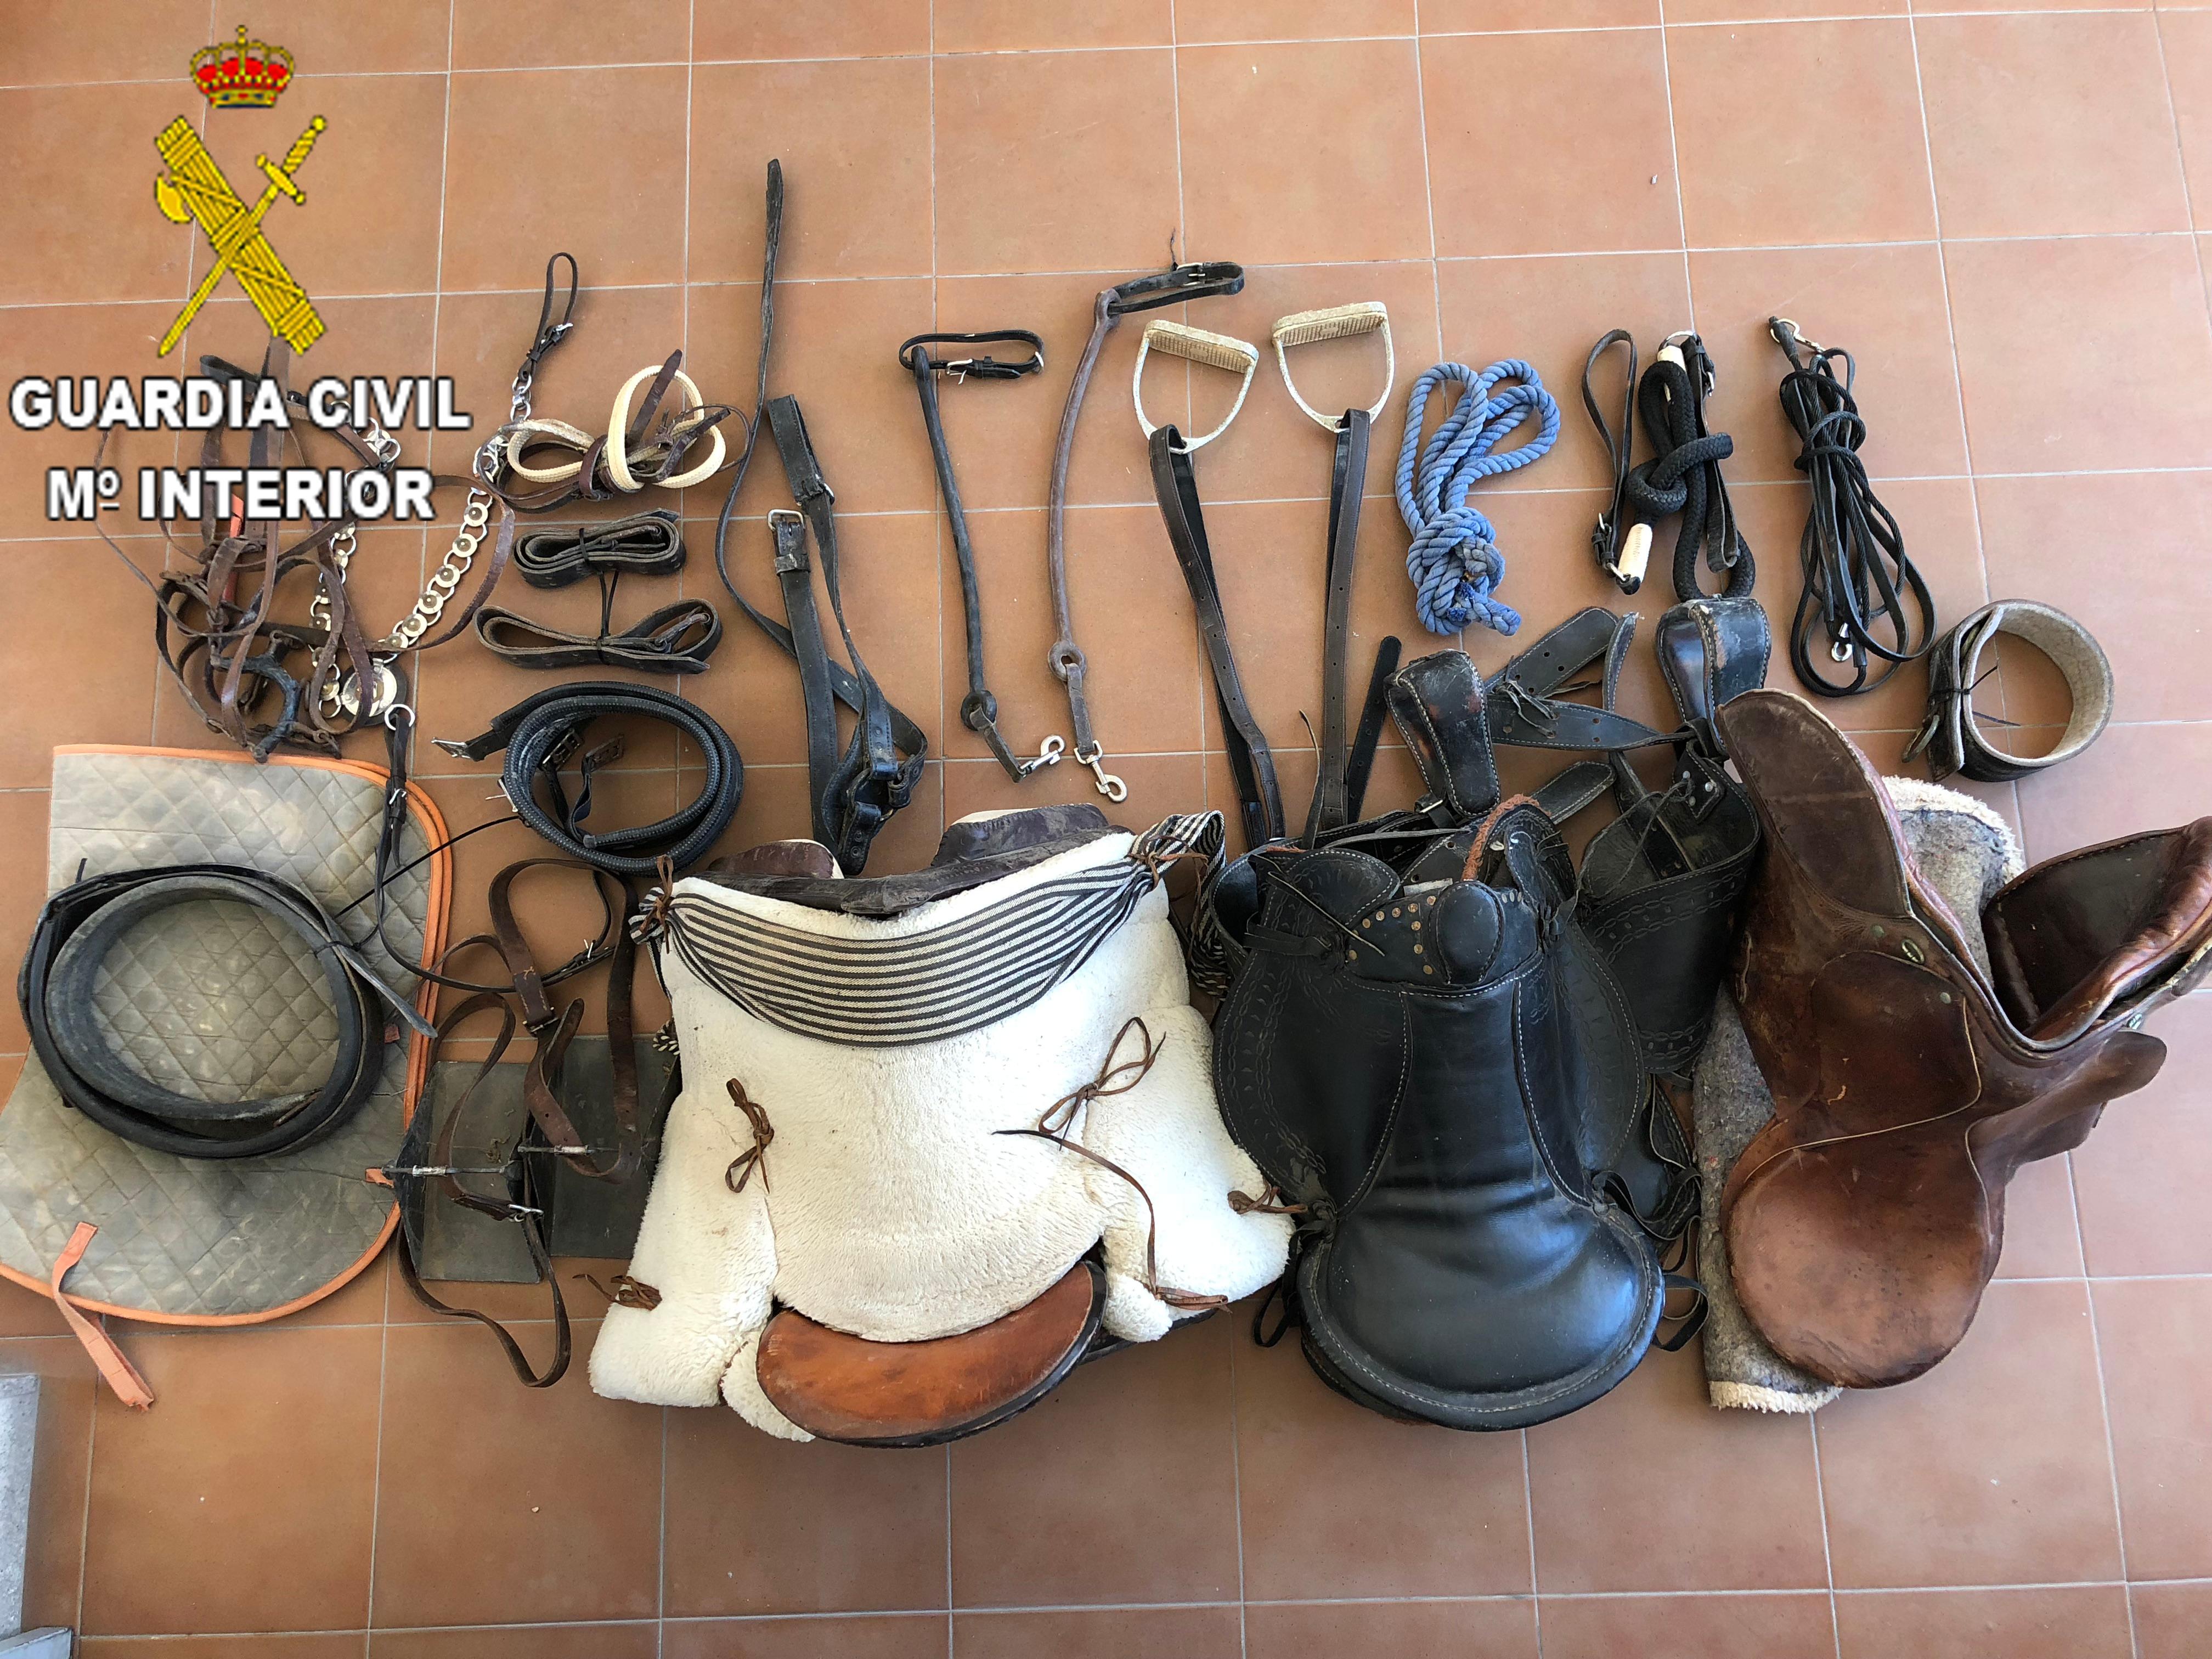 Parte del material robado que ha sido incautado por la Guardia Civil durante las operaciones policiales.